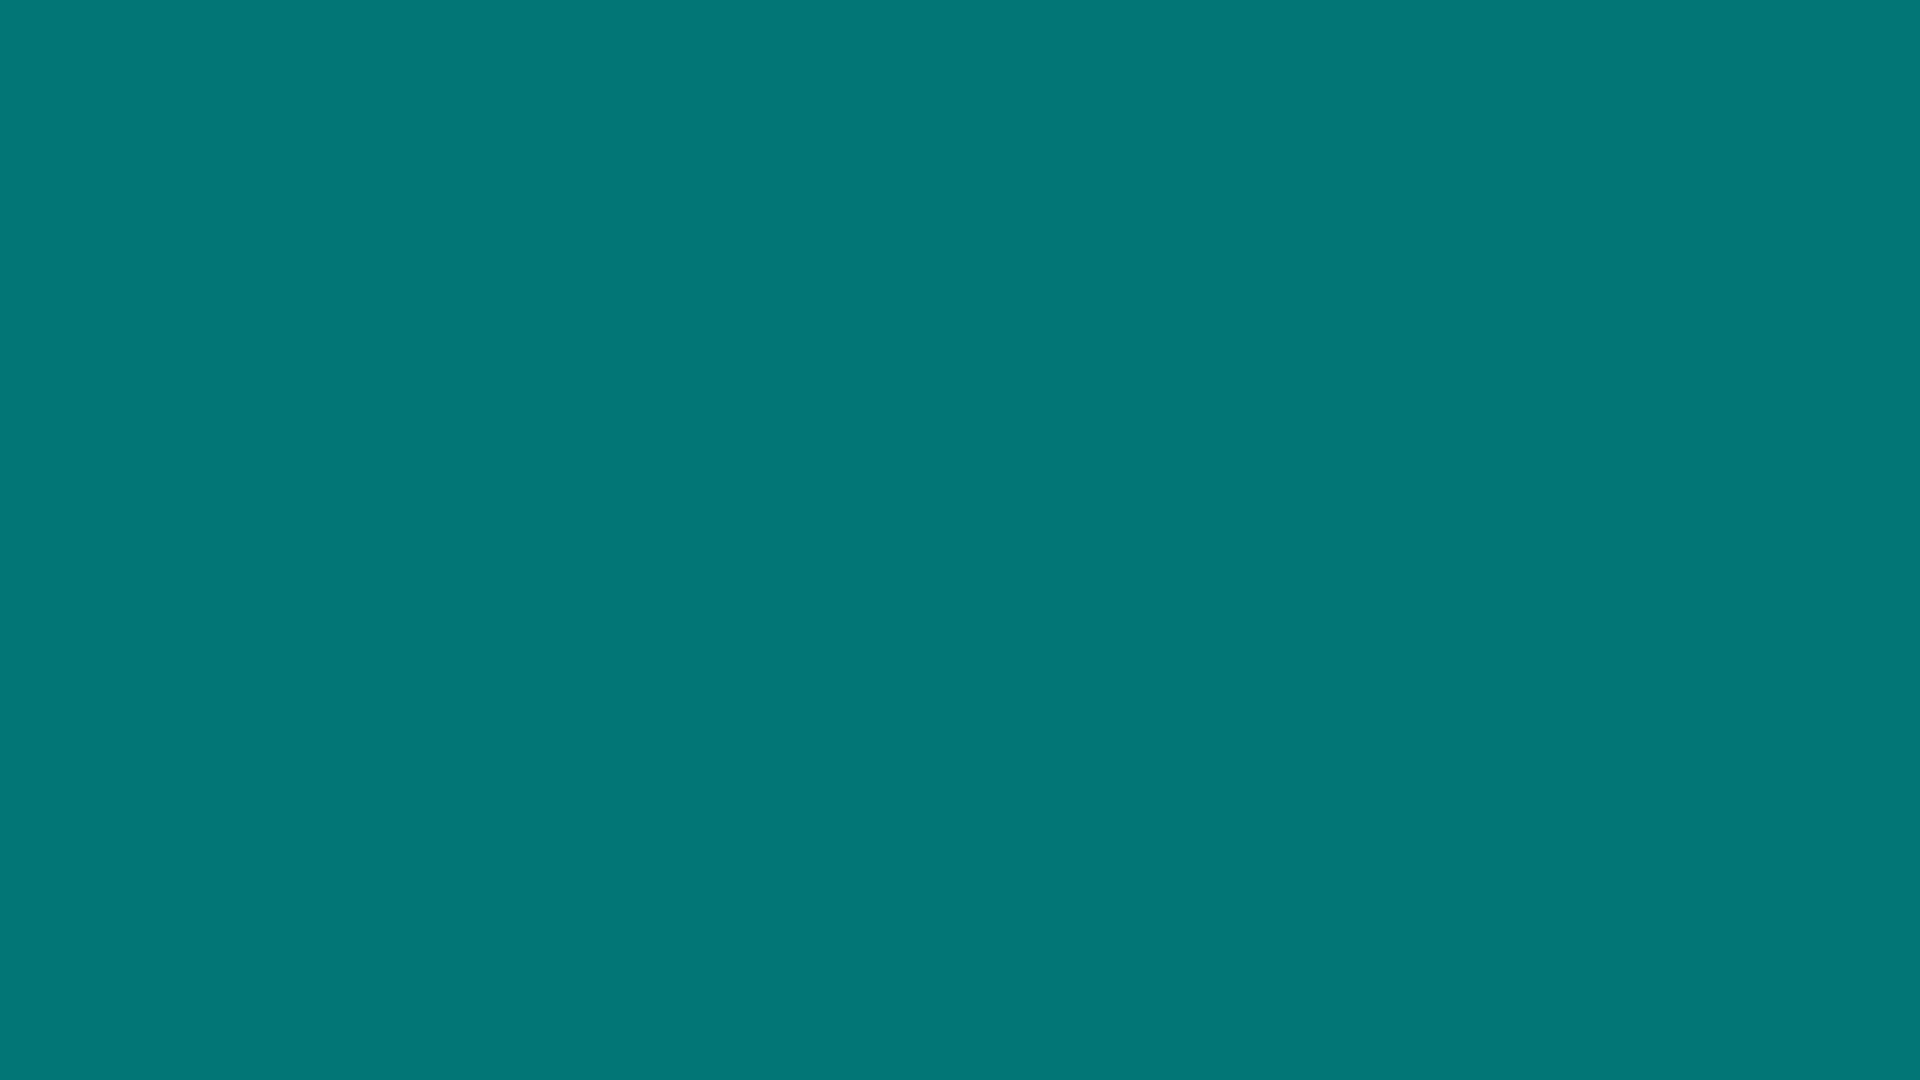 [공지] 서울대학교 아시아연구소 인턴쉽 과정 (intership/trainee program) 참가자 모집